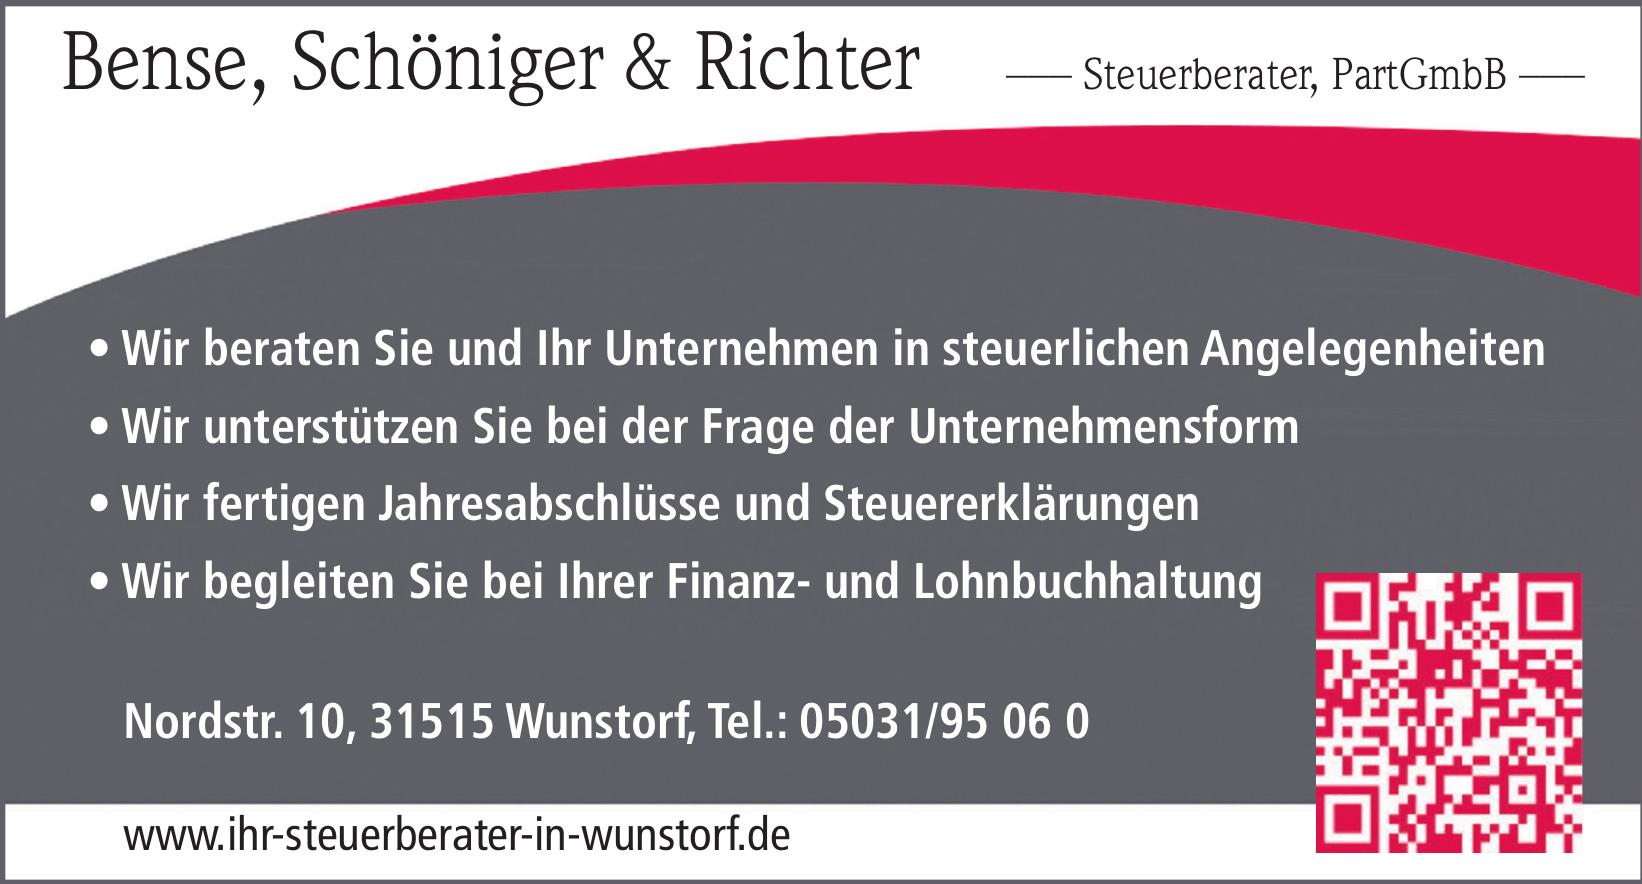 Bense, Schöniger & Richter, Steuerberater, PartGmbB